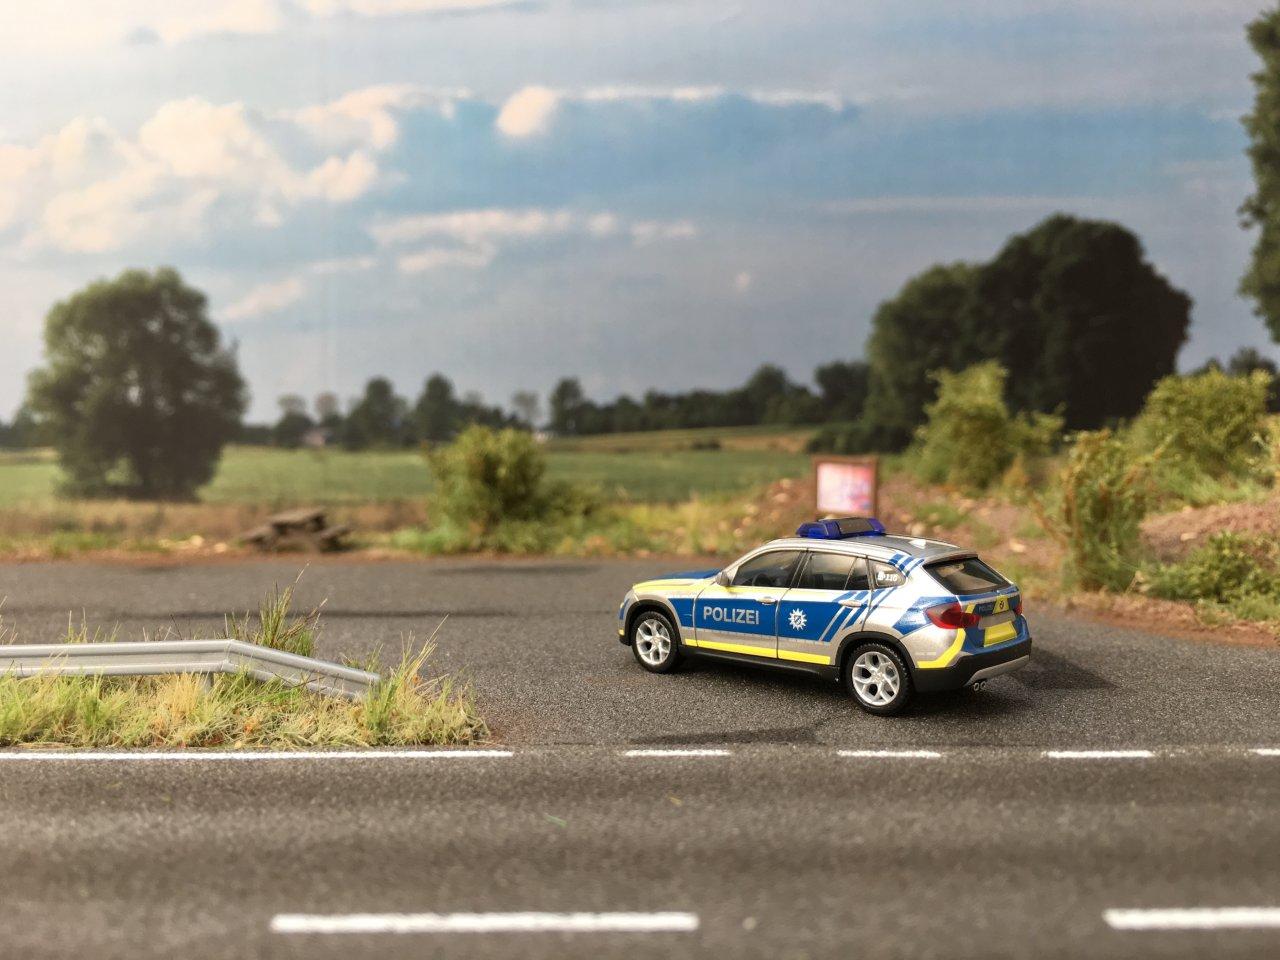 BMW X1 Polizei Bayern  03.JPG